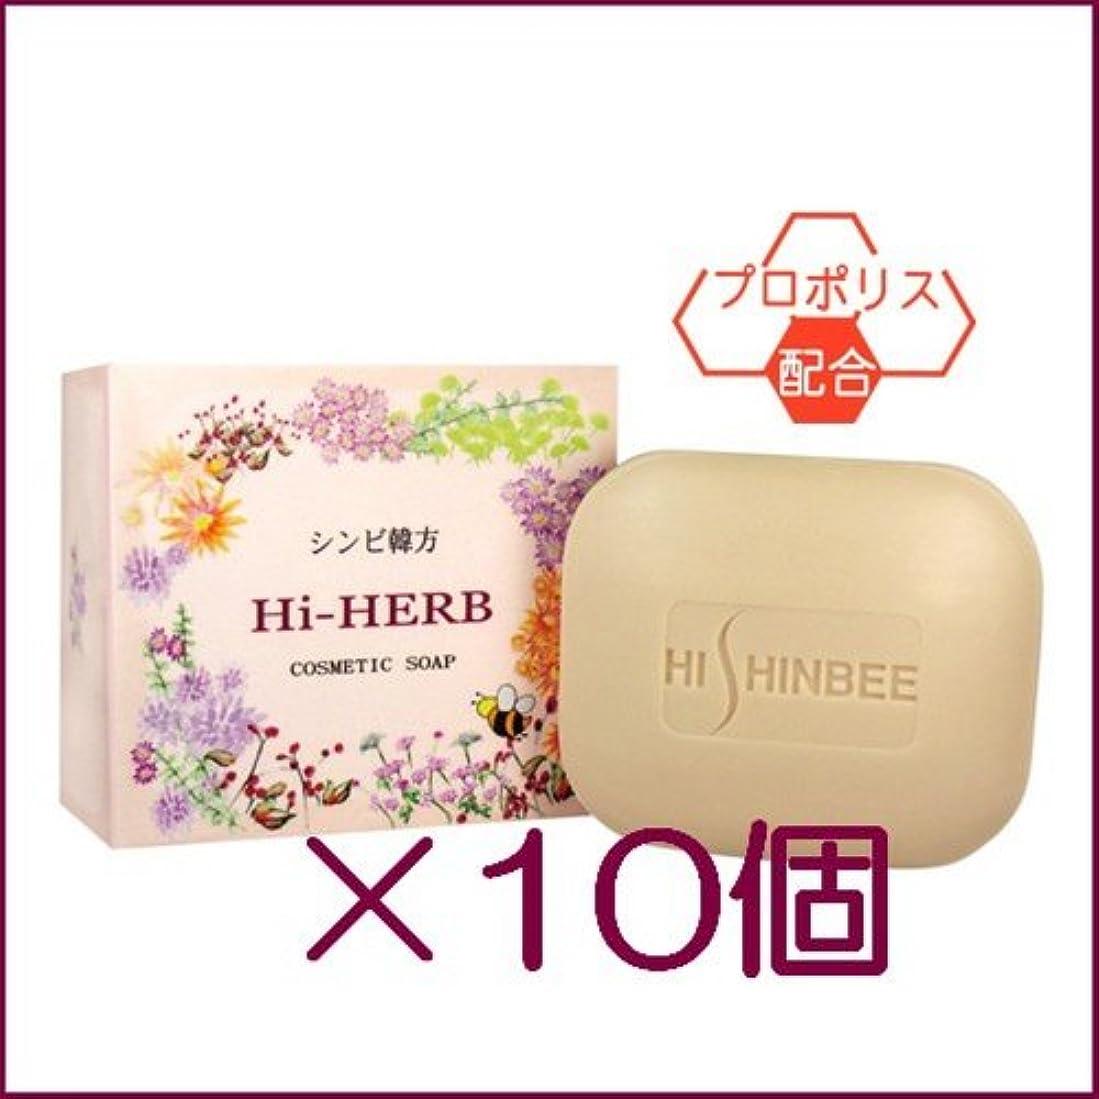 クレア摩擦カップシンビ 韓方ハイハーブ石鹸 100g ×10個